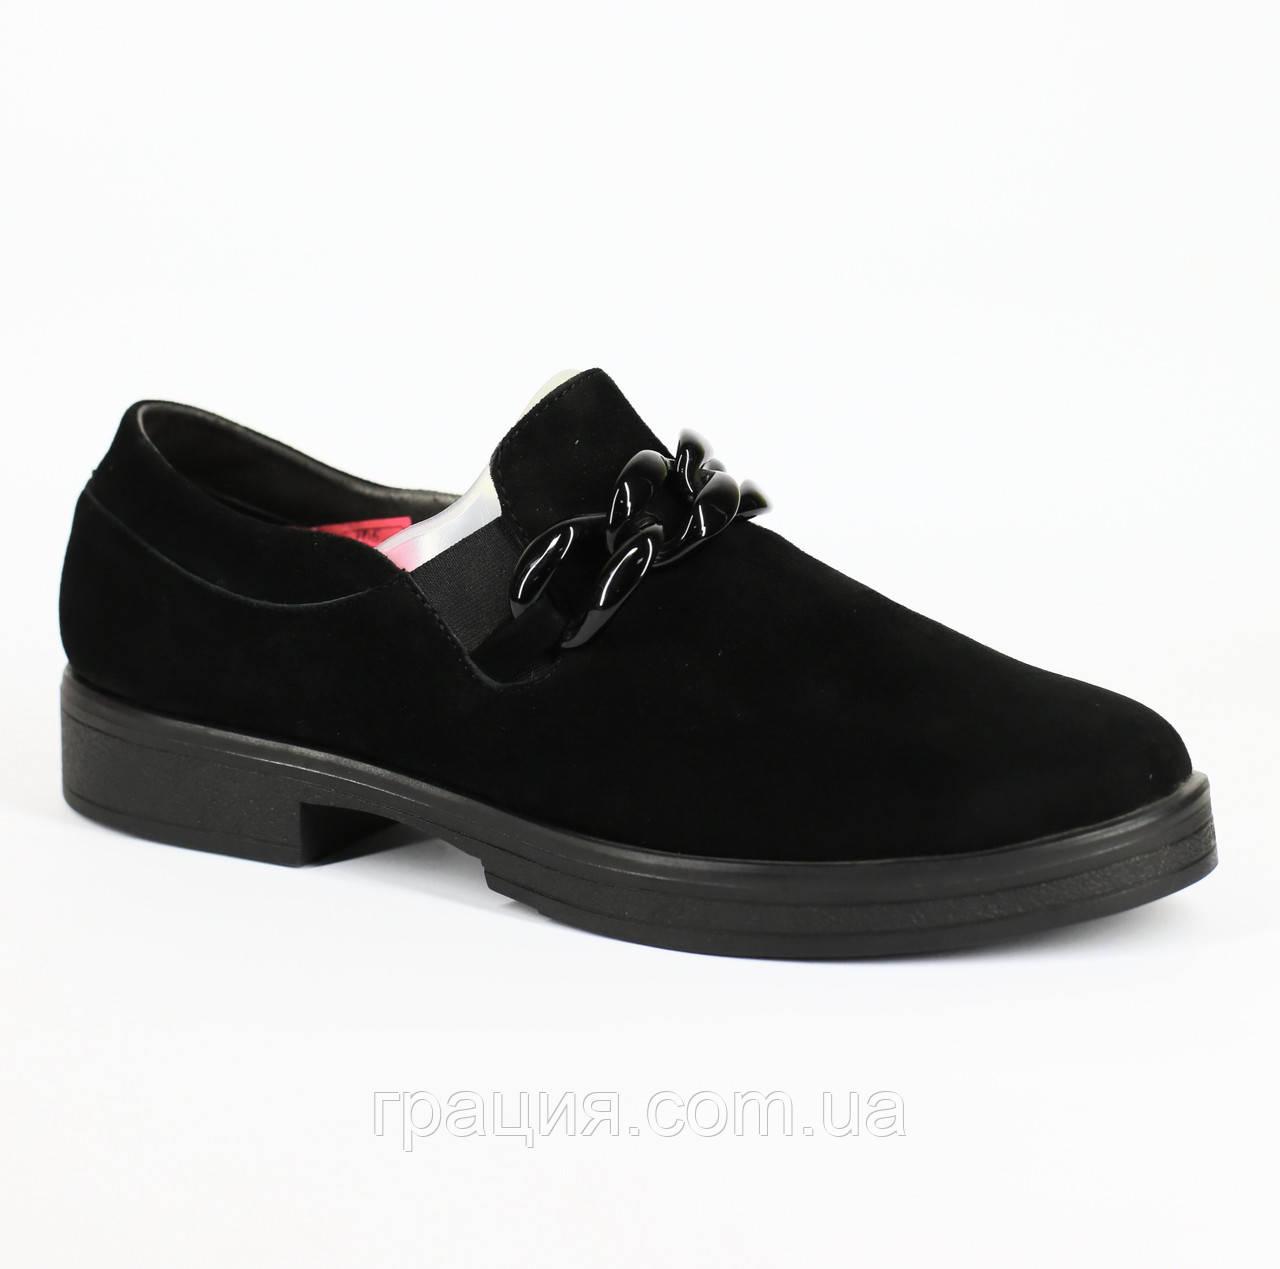 Жіночі стильні замшеві туфлі